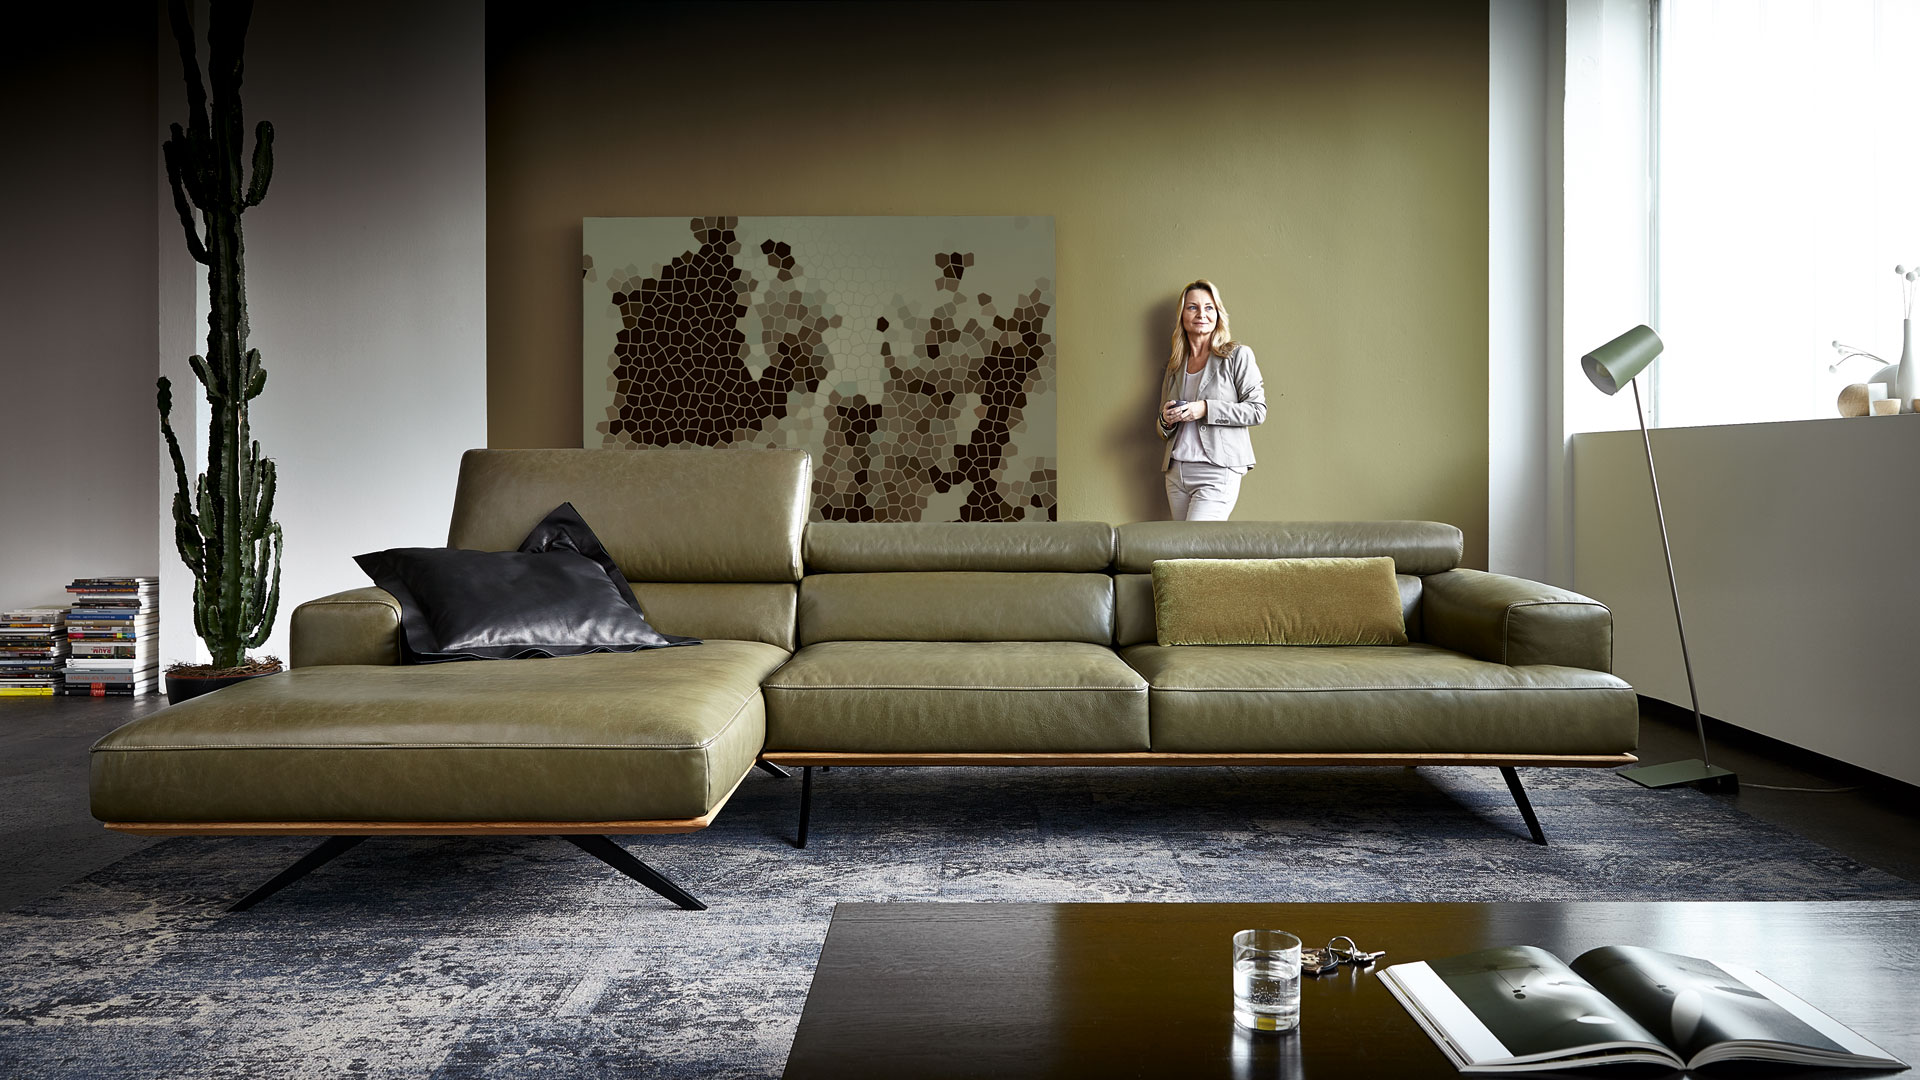 Full Size of Koinor Sofa Gebraucht Francis Leder Preisliste Outlet Harris Arten Verkaufen Indomo Cassina Lagerverkauf Lounge Garten Schlaffunktion Big Weiß Günstig Kaufen Sofa Koinor Sofa